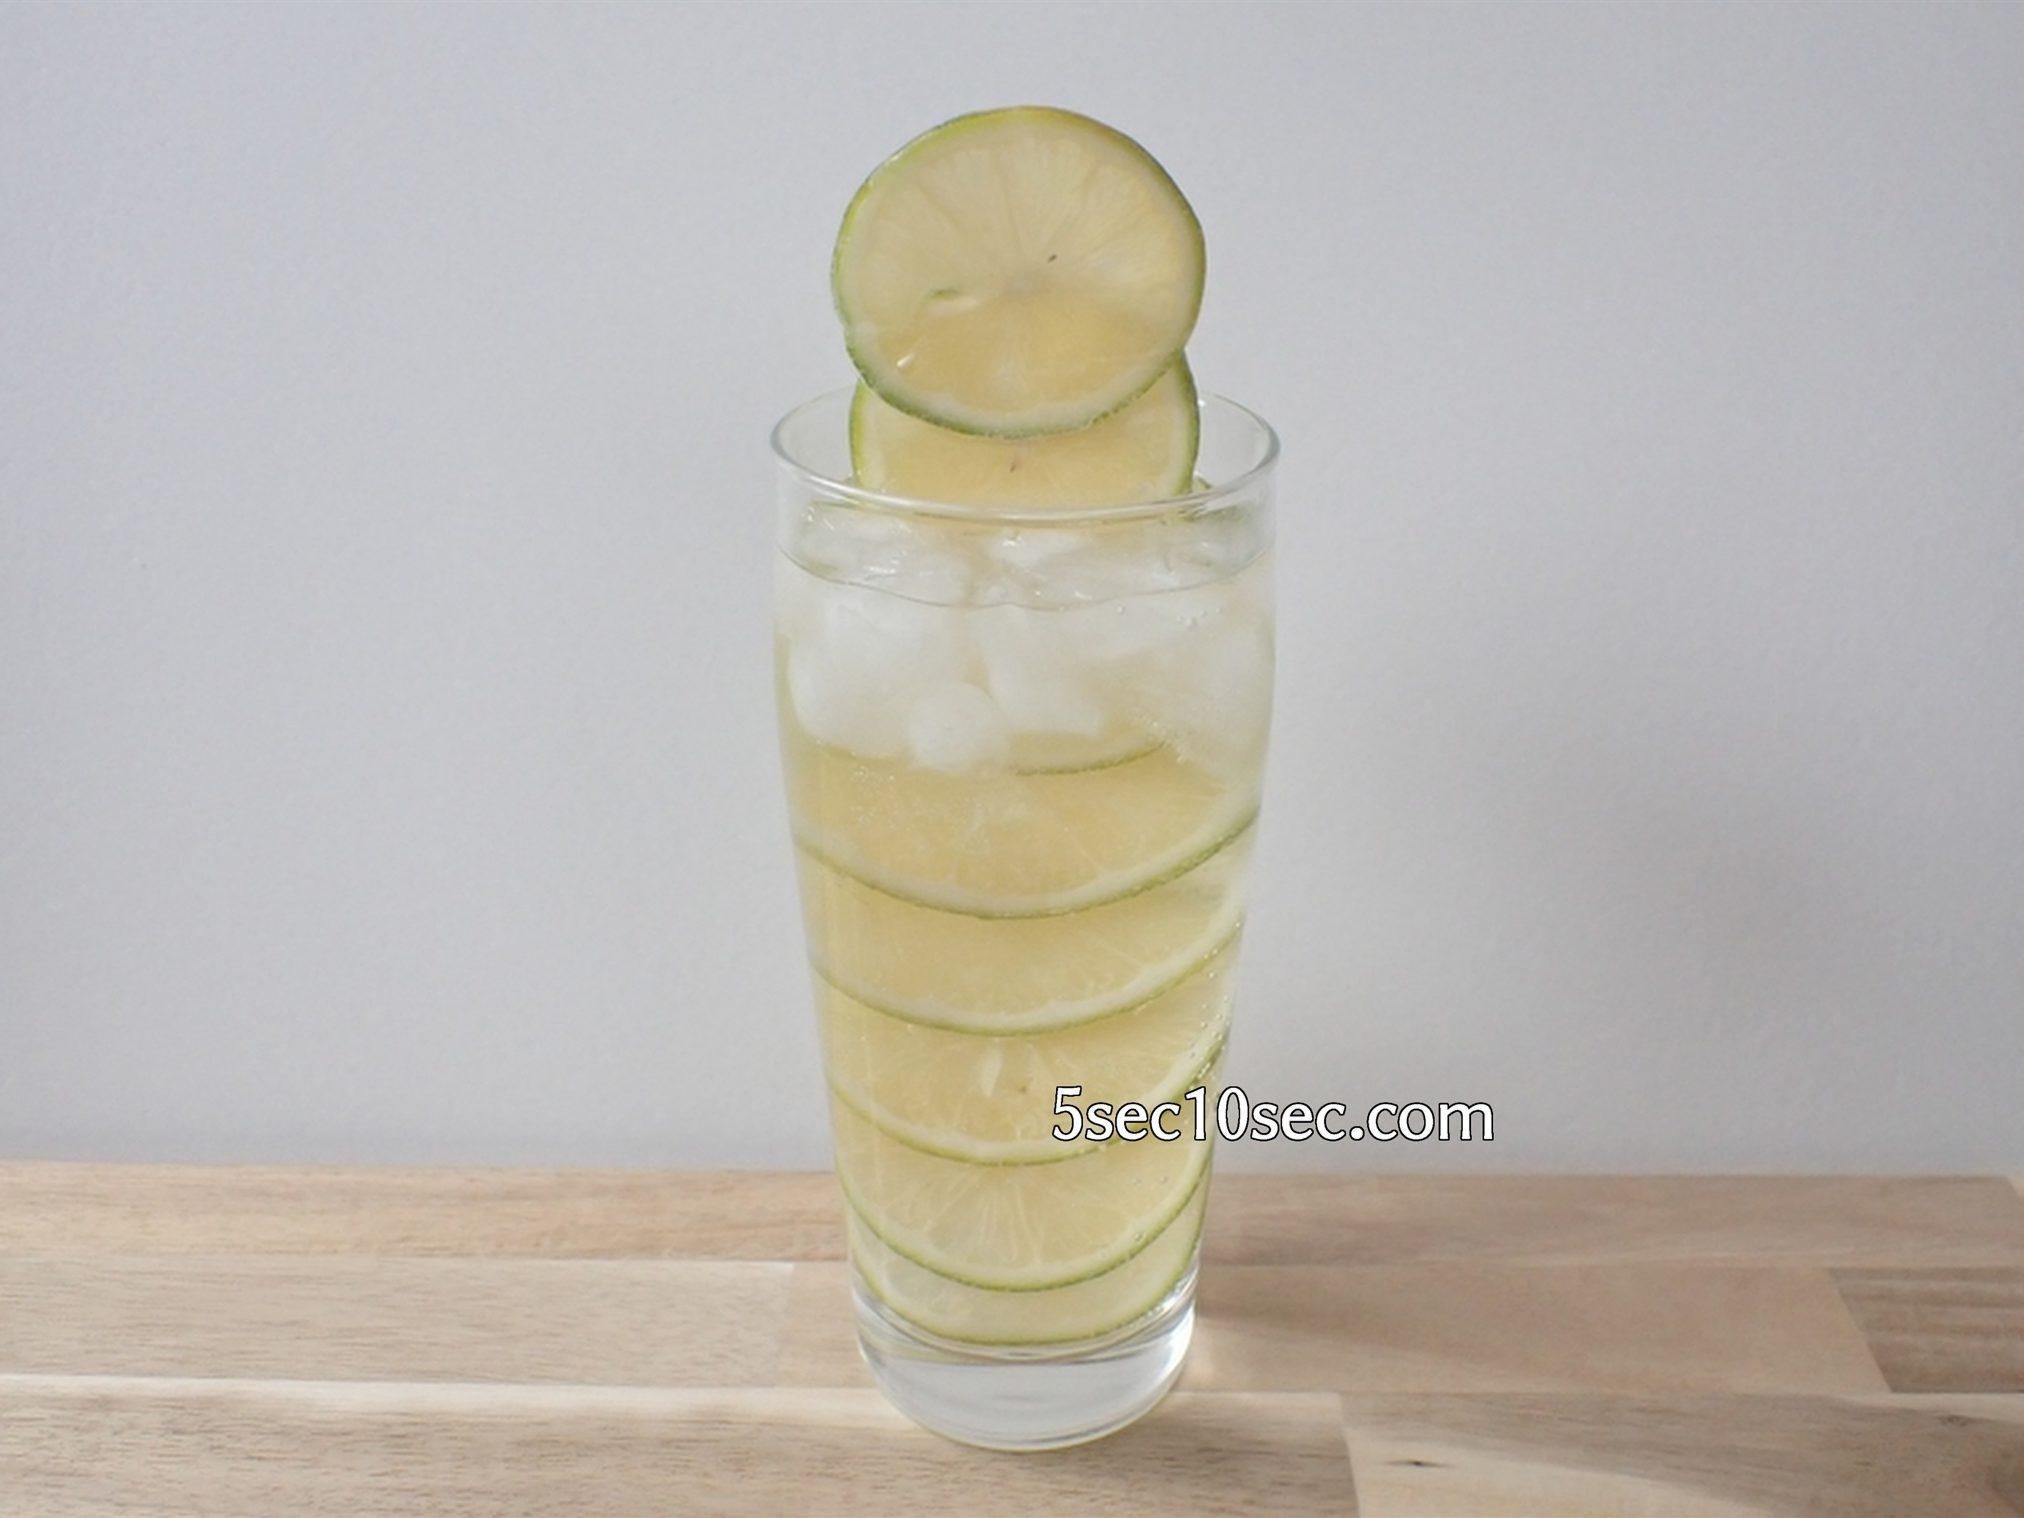 宝酒造 こだわりのレモンサワー用 宝焼酎 レモンタワーを維持するために氷も入れています